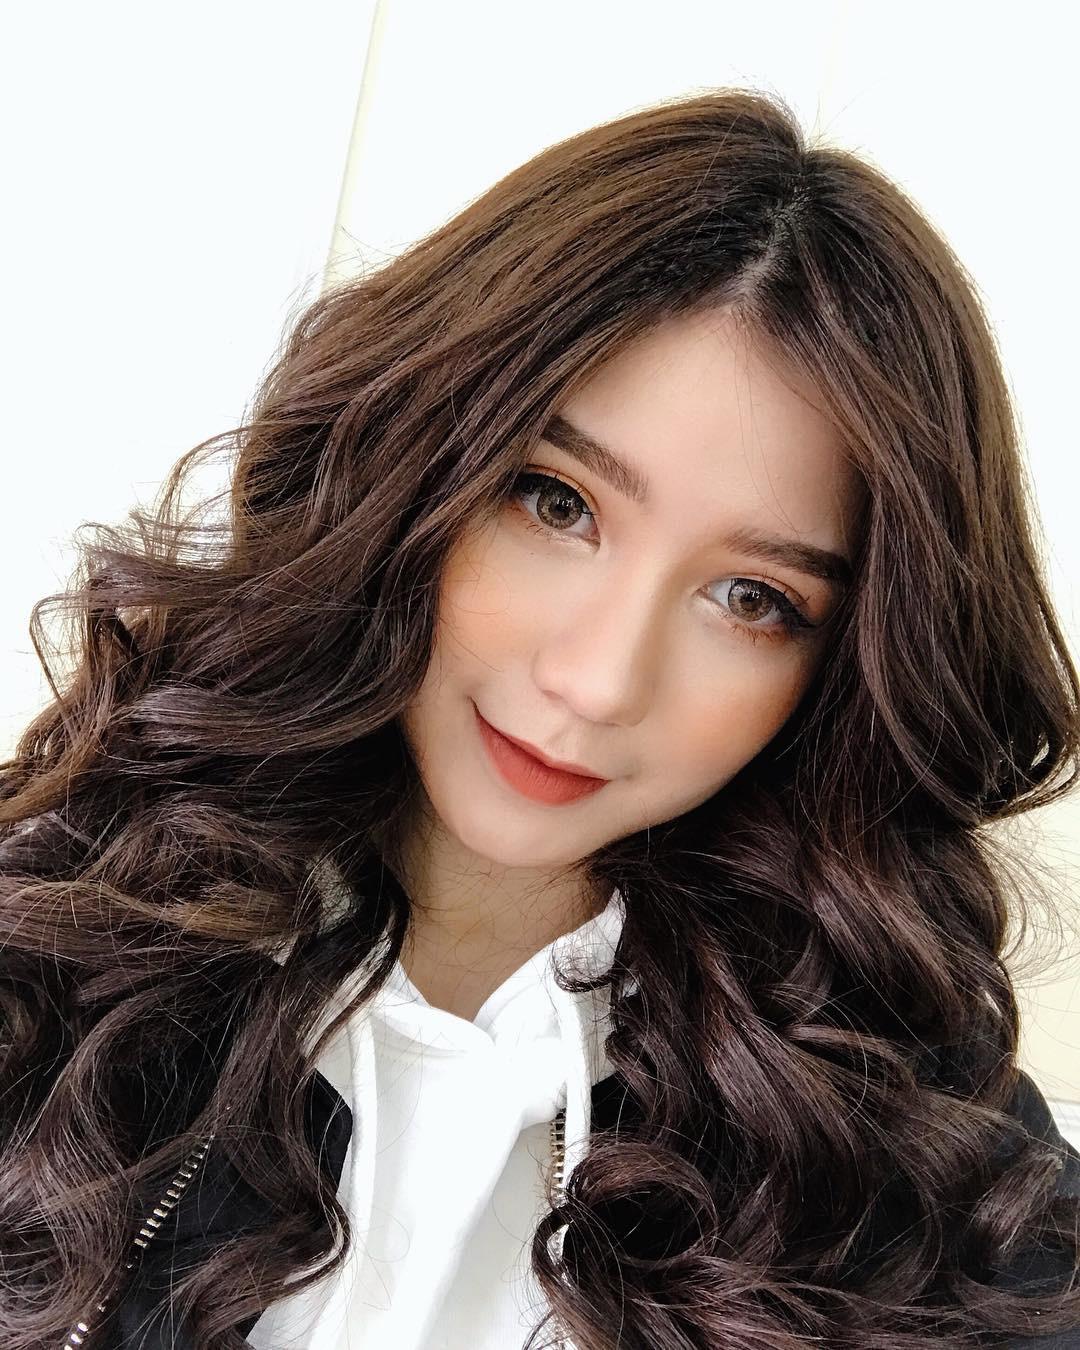 Bạn đã biết 4 cách đánh son siêu xinh đang được các hot girl Việt tích cực diện mùa xuân này chưa? - Ảnh 9.